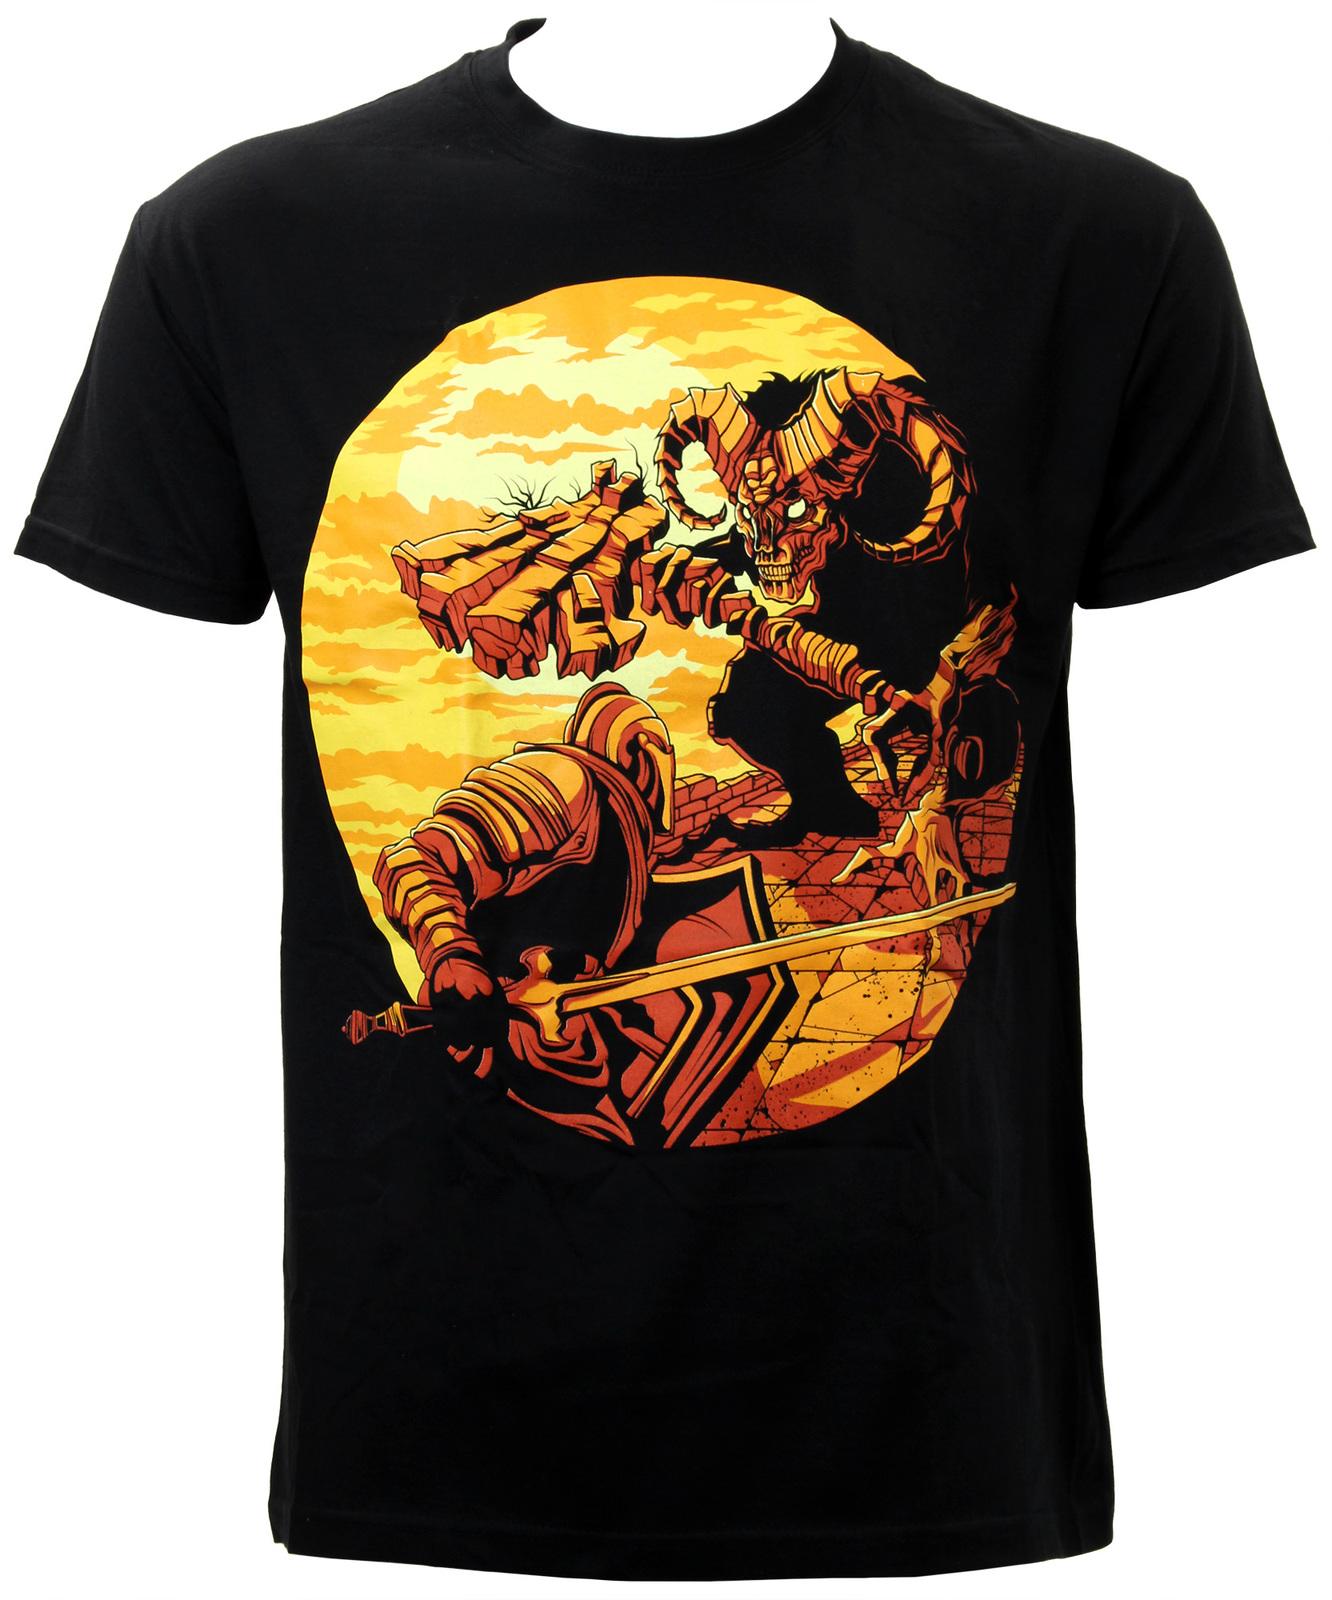 Dark Souls 3 Monster Axe T-Shirt (X-Large) image